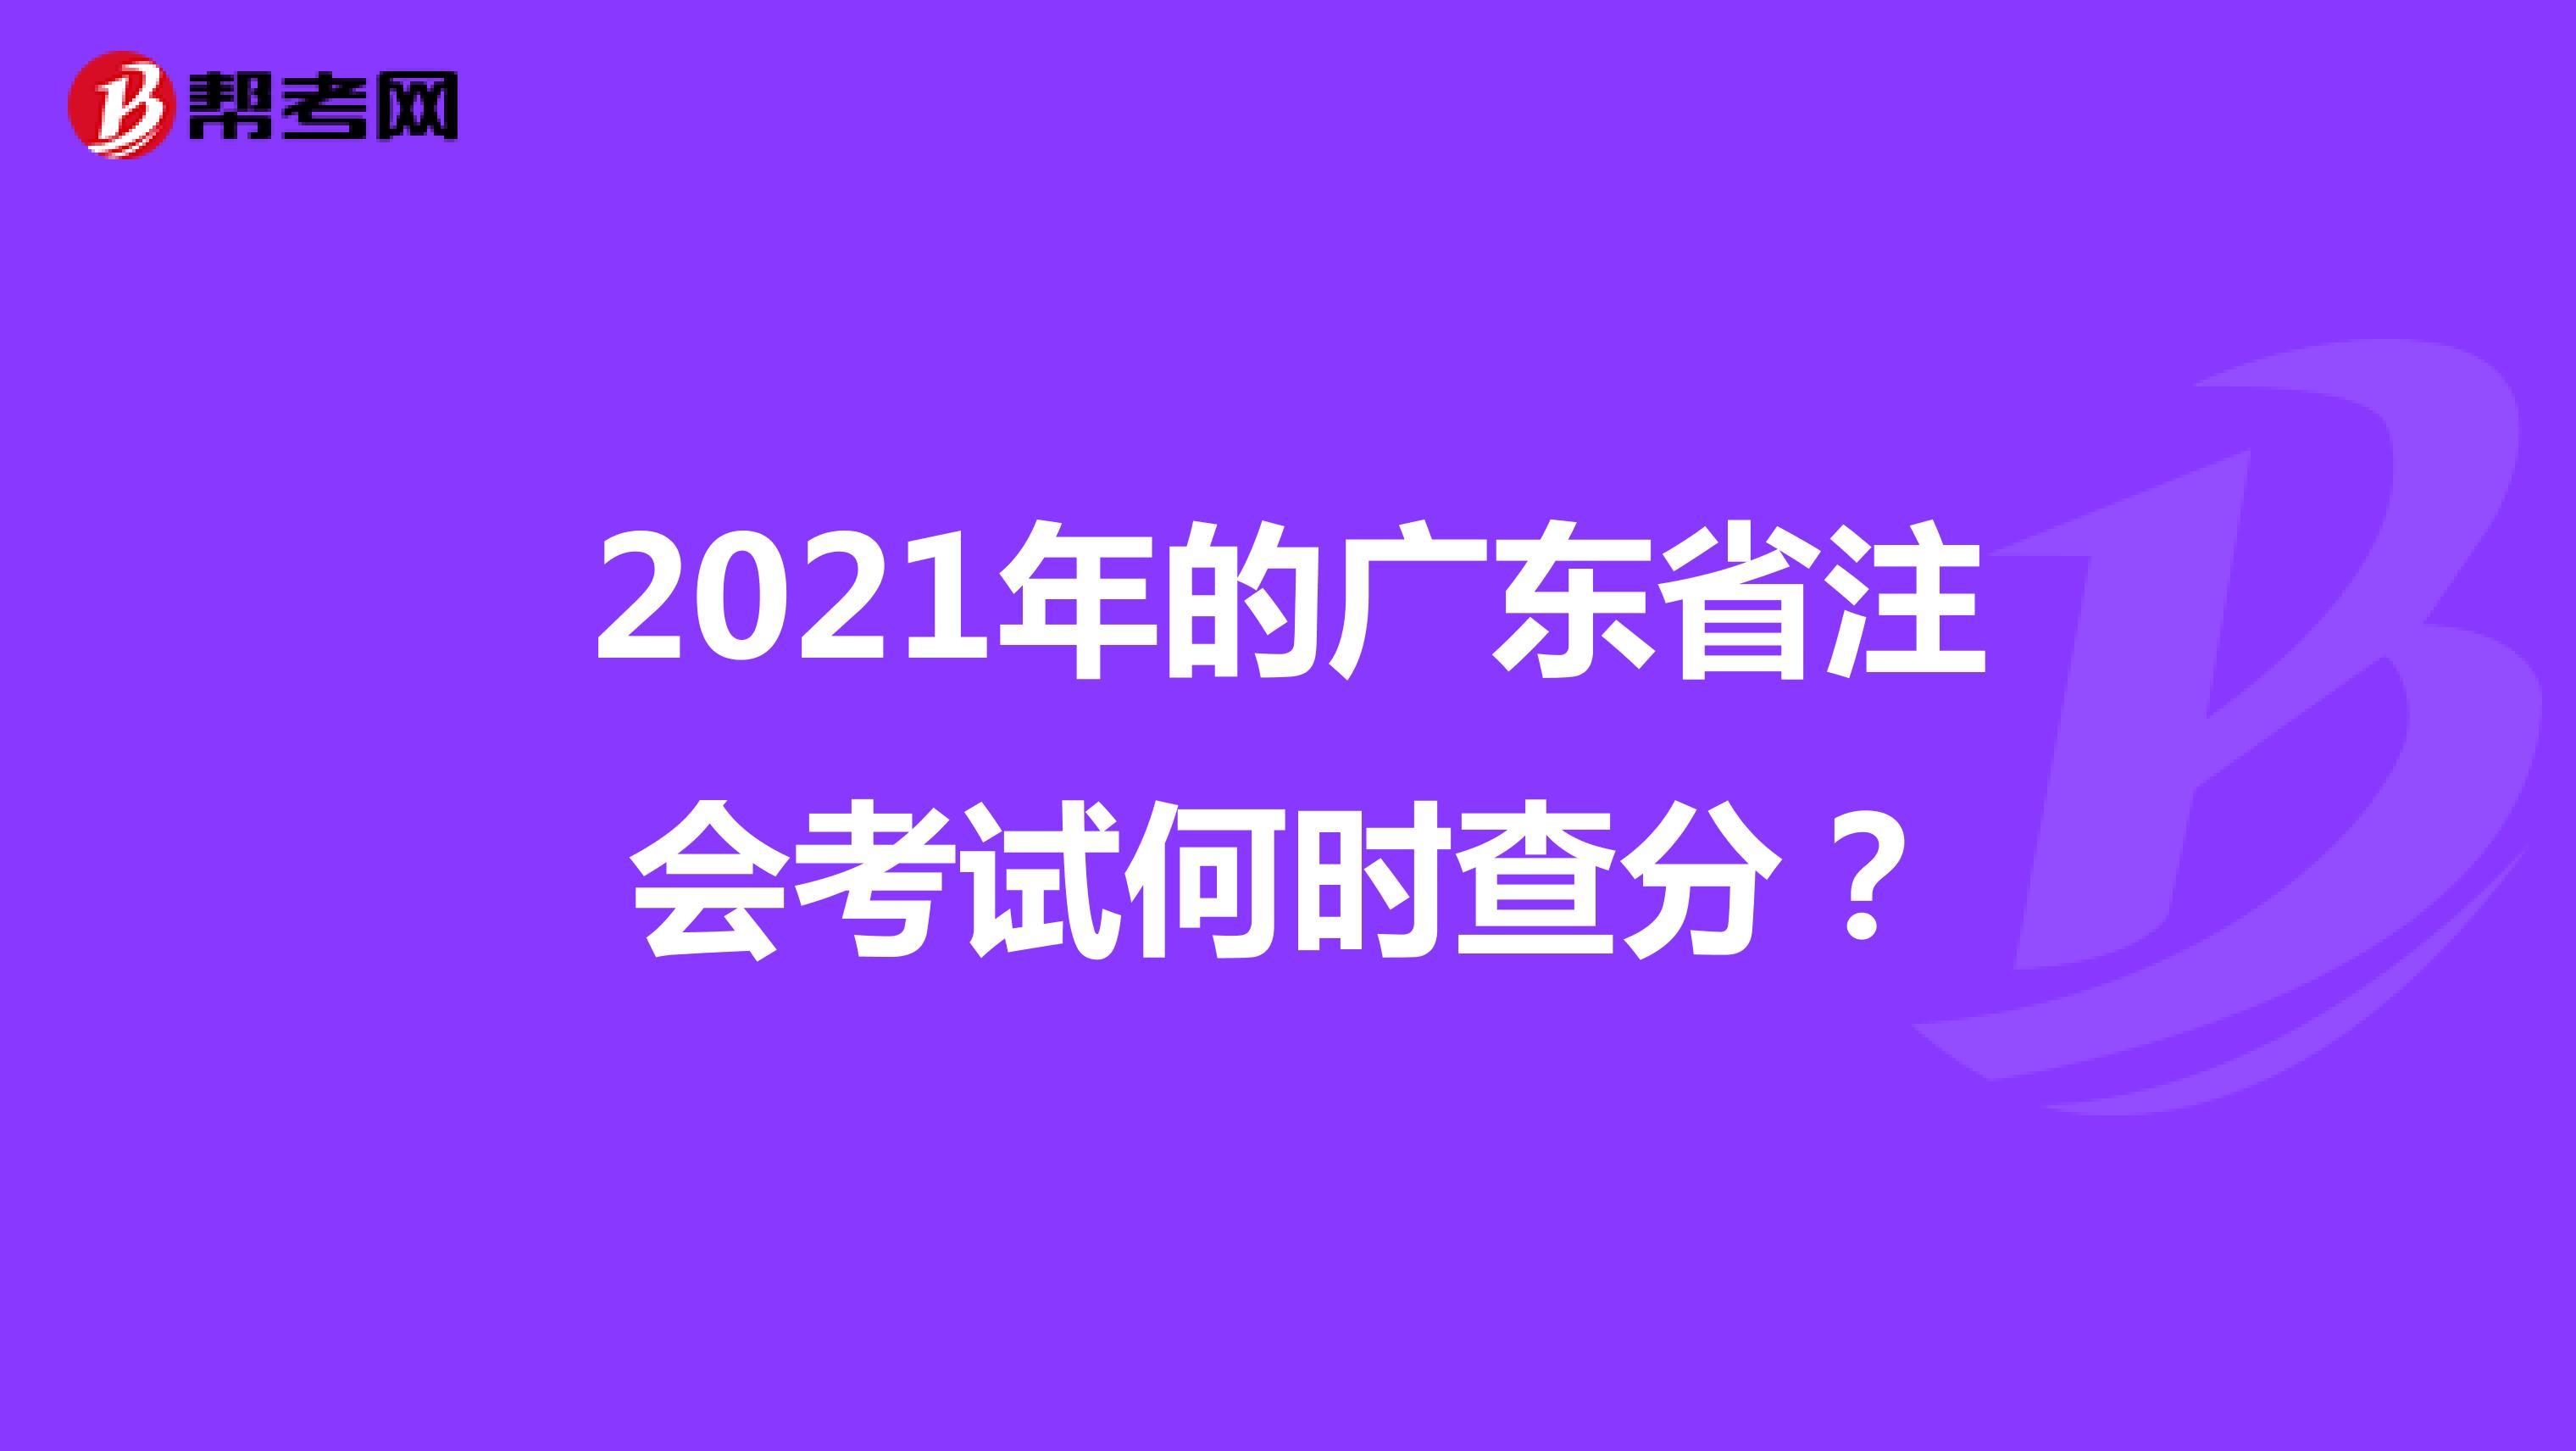 2021年的广东省注会Beplay官方何时查分?